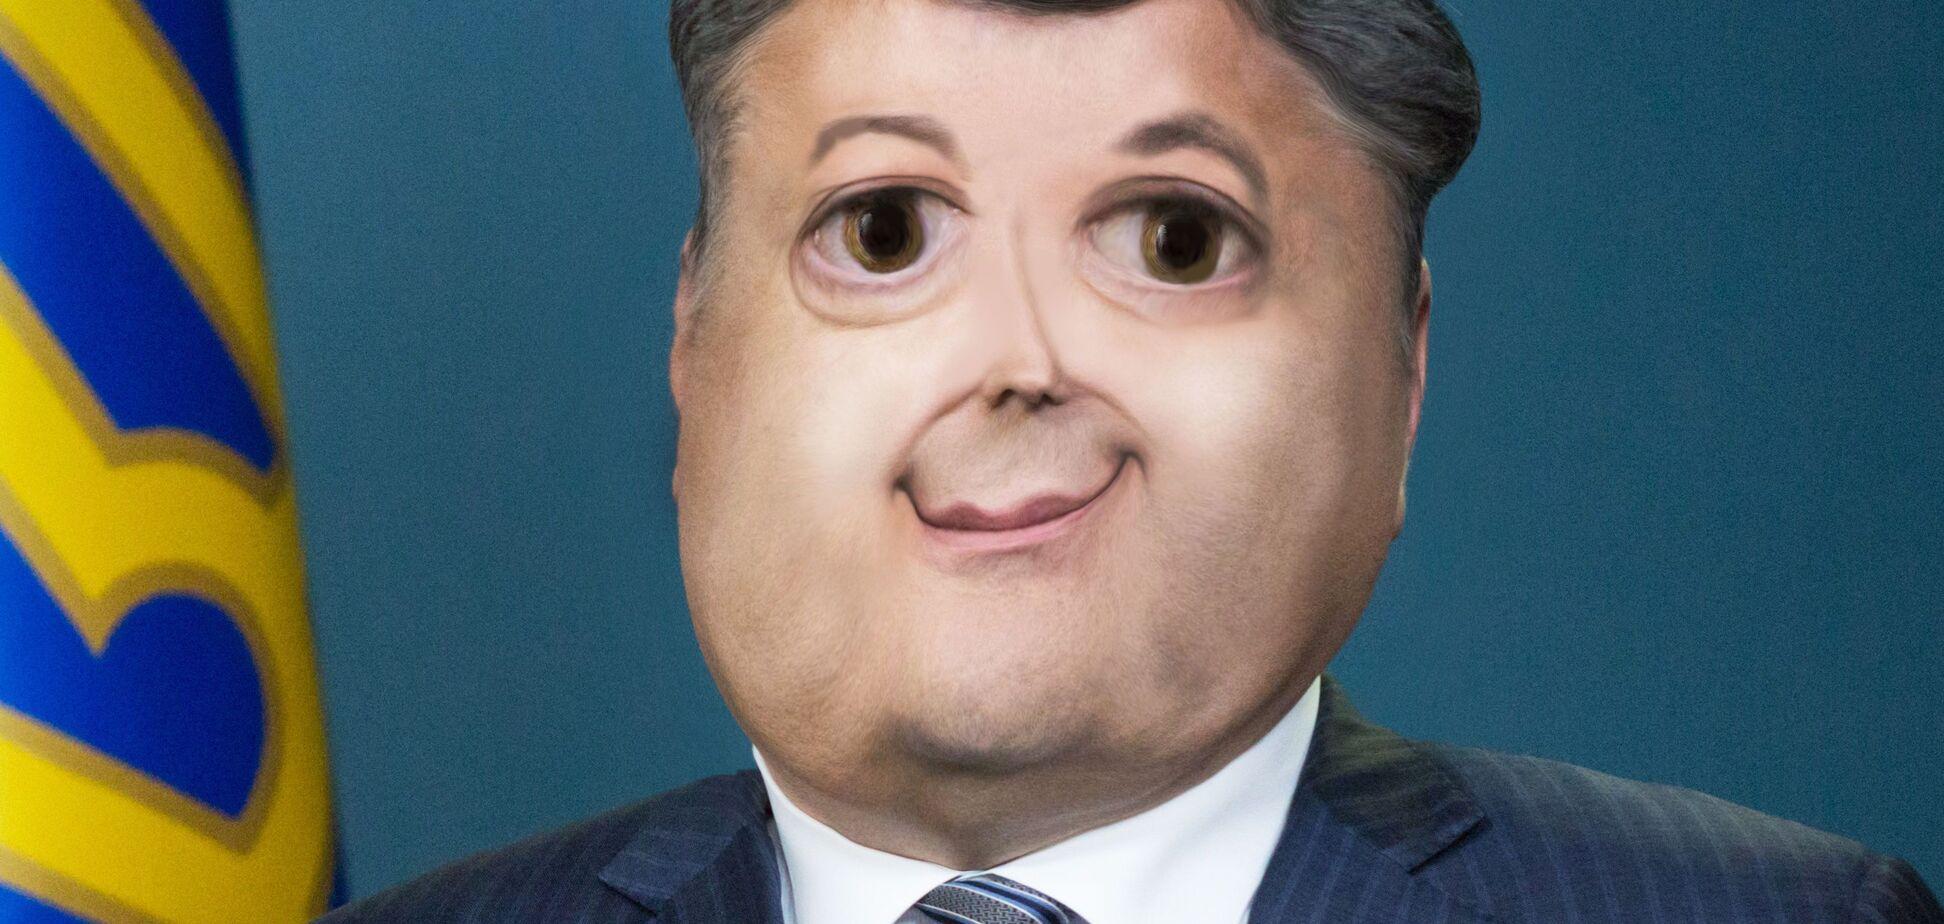 Нарисованные Порошенко и Ко: в сети показали 'фото' политиков глазами детей